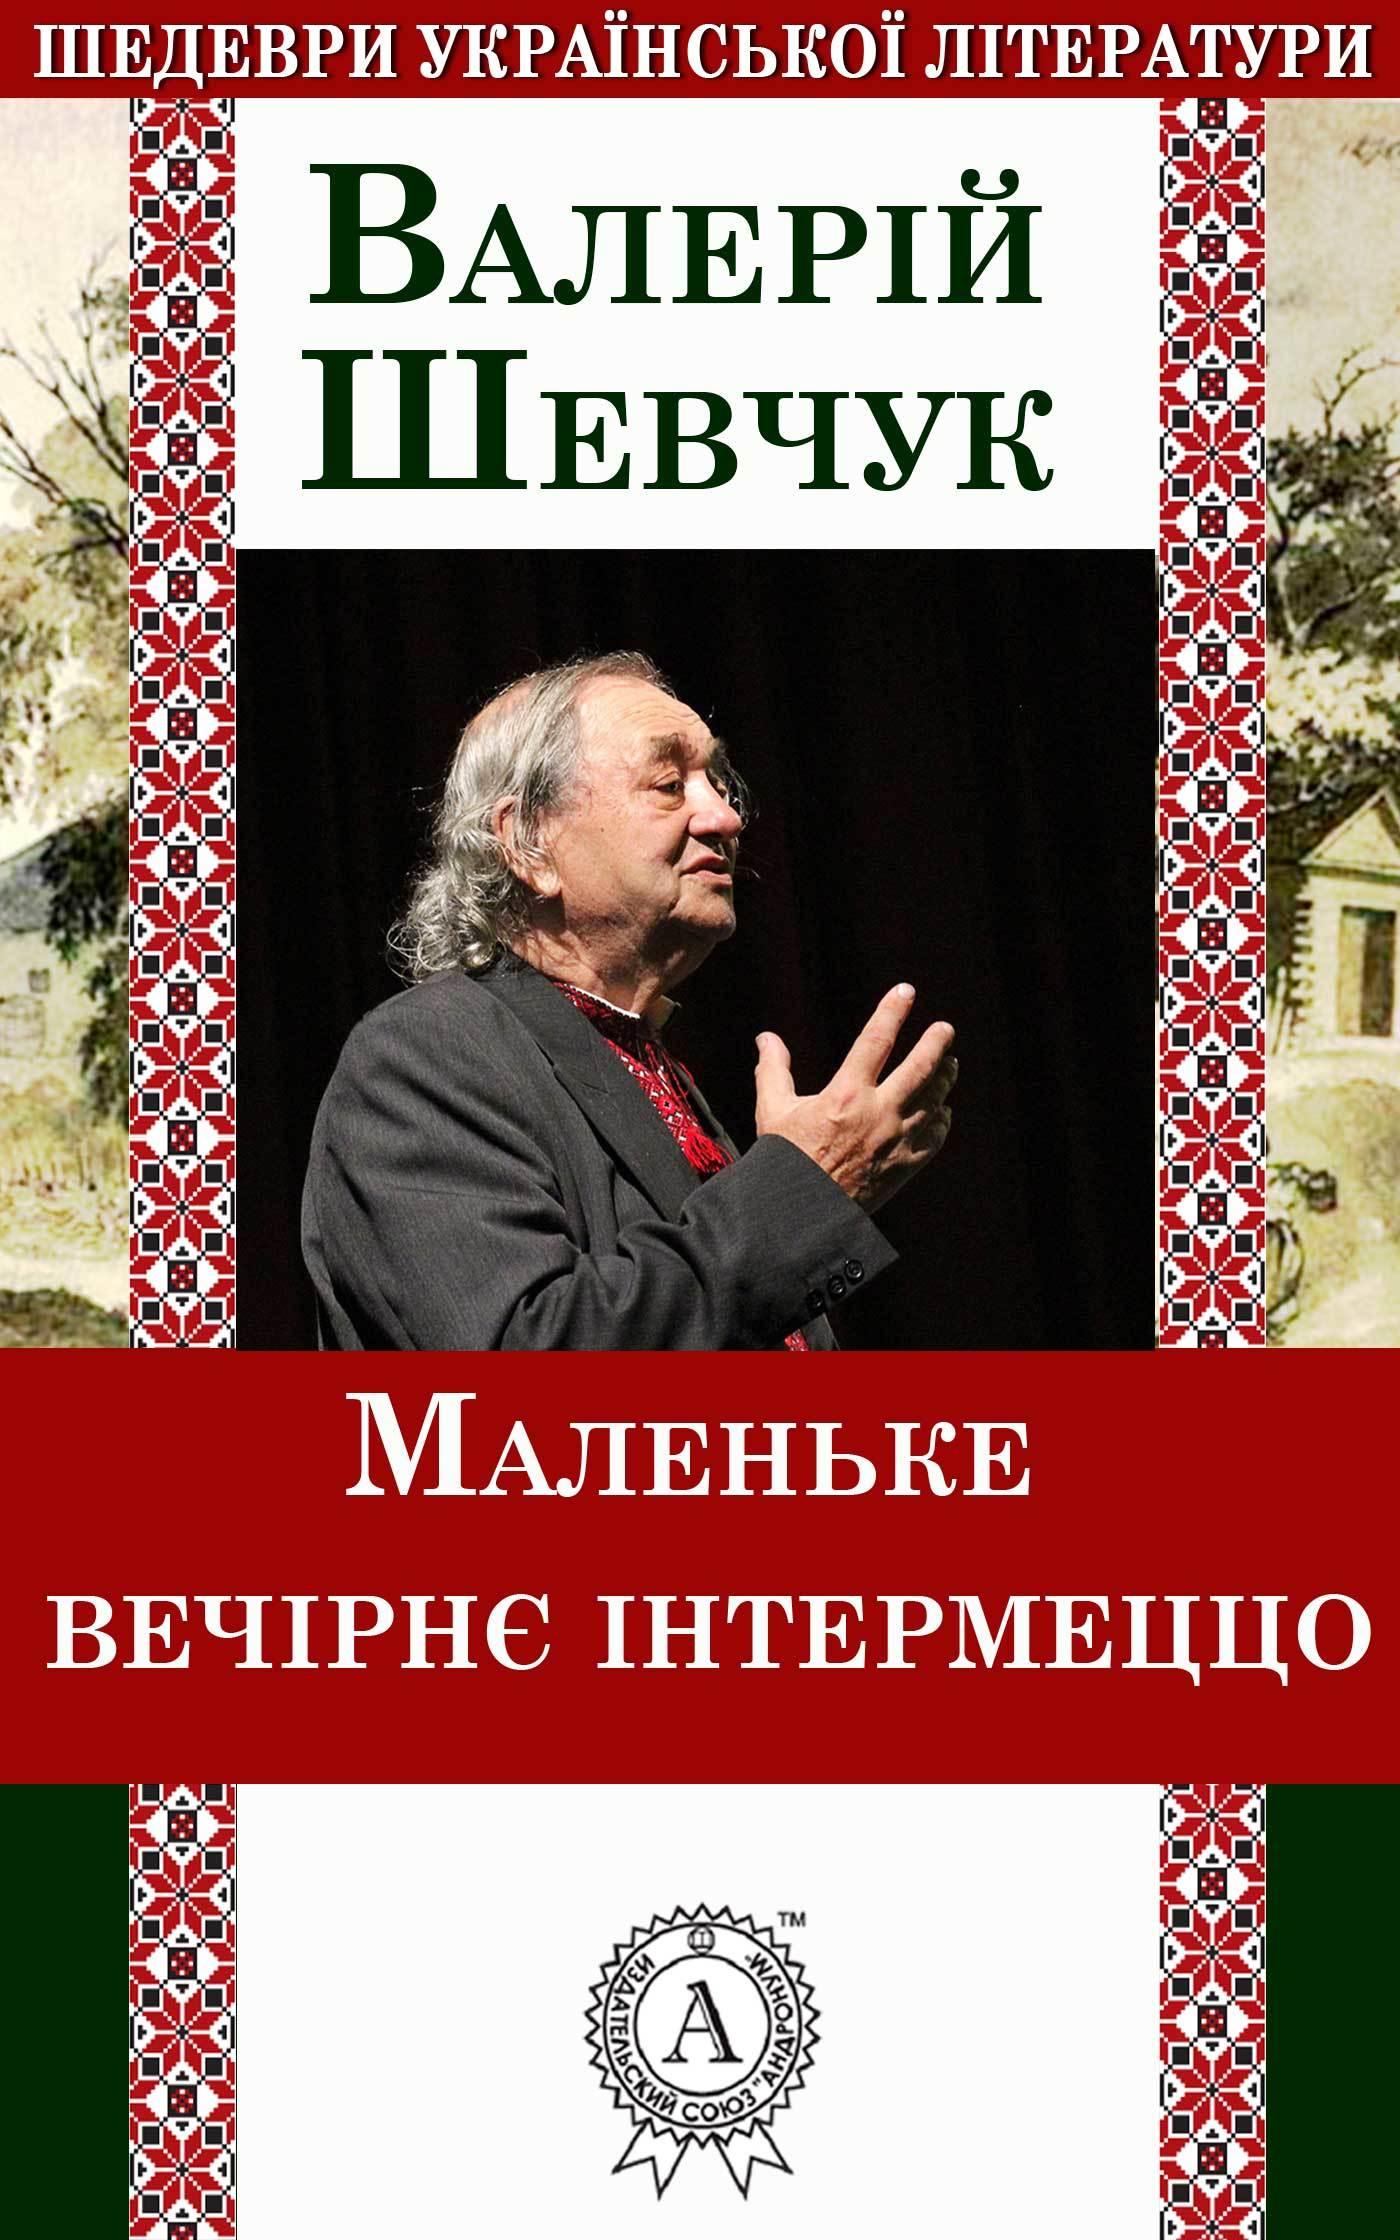 Валерій Шевчук Маленьке вечірнє інтермеццо валерій шевчук дім на горі